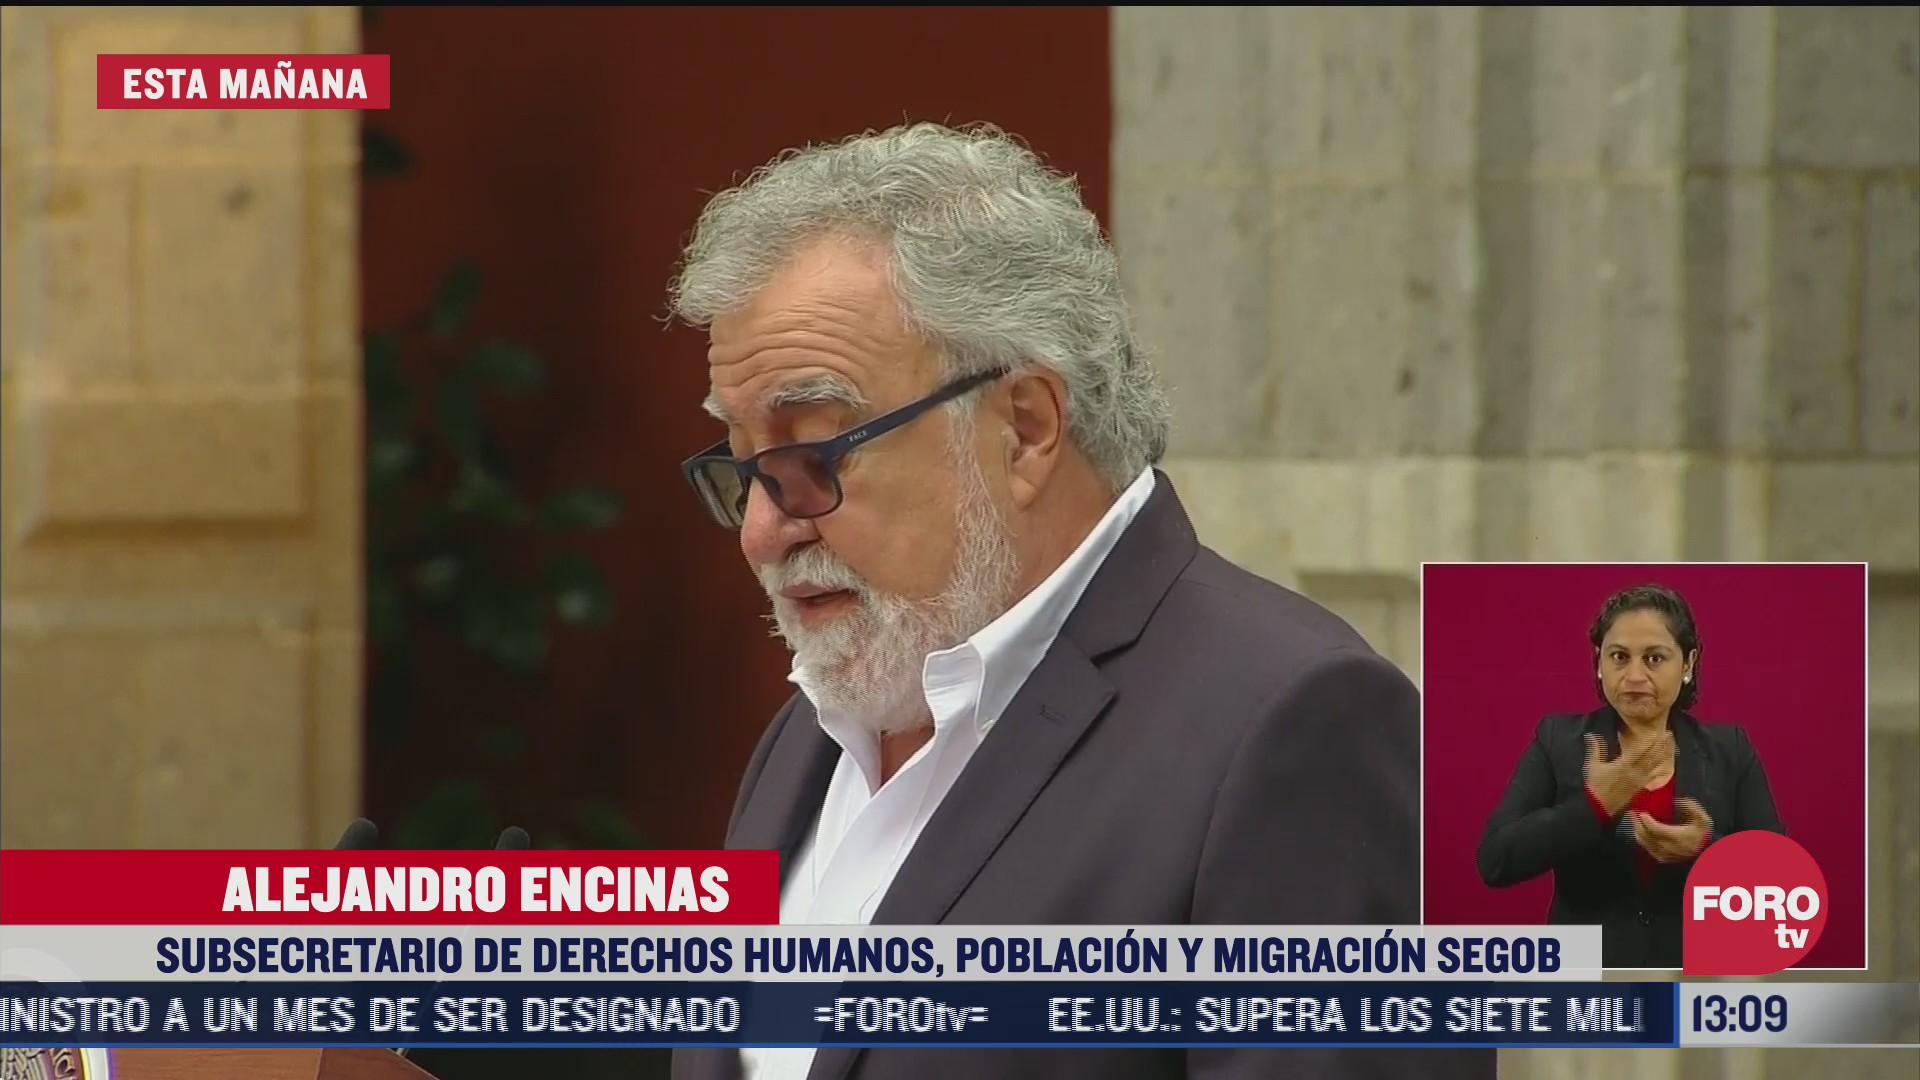 la unica verdad es que no hay verdad en ayotzinapa encinas